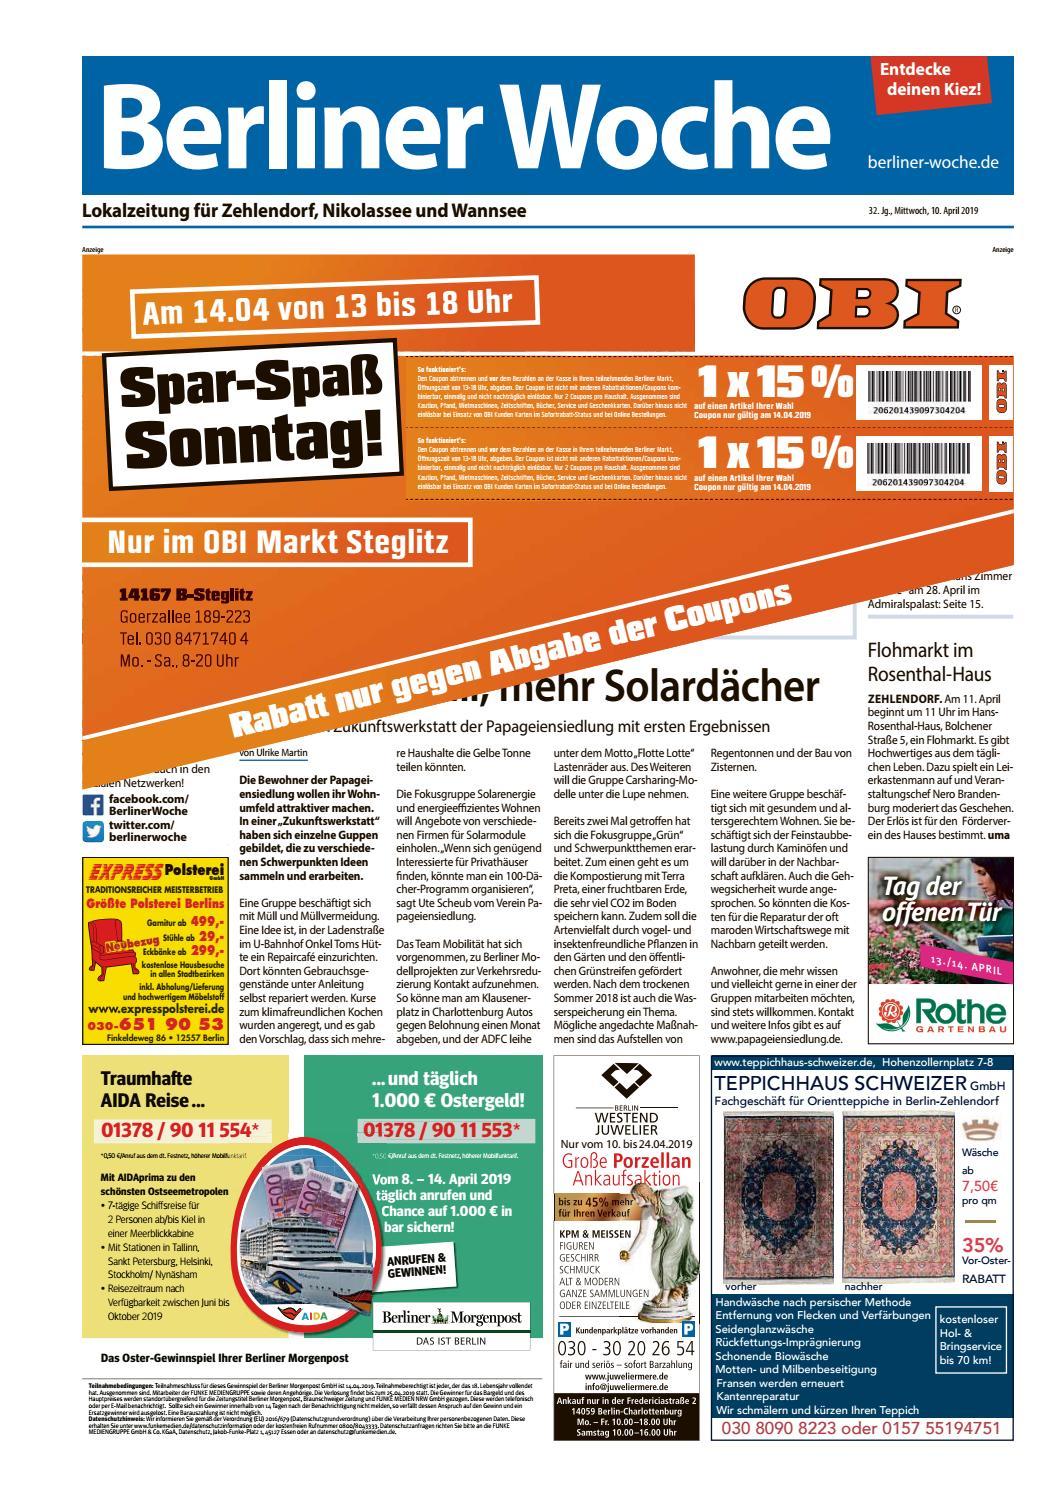 030 030 030 Berlin Online Rabatt